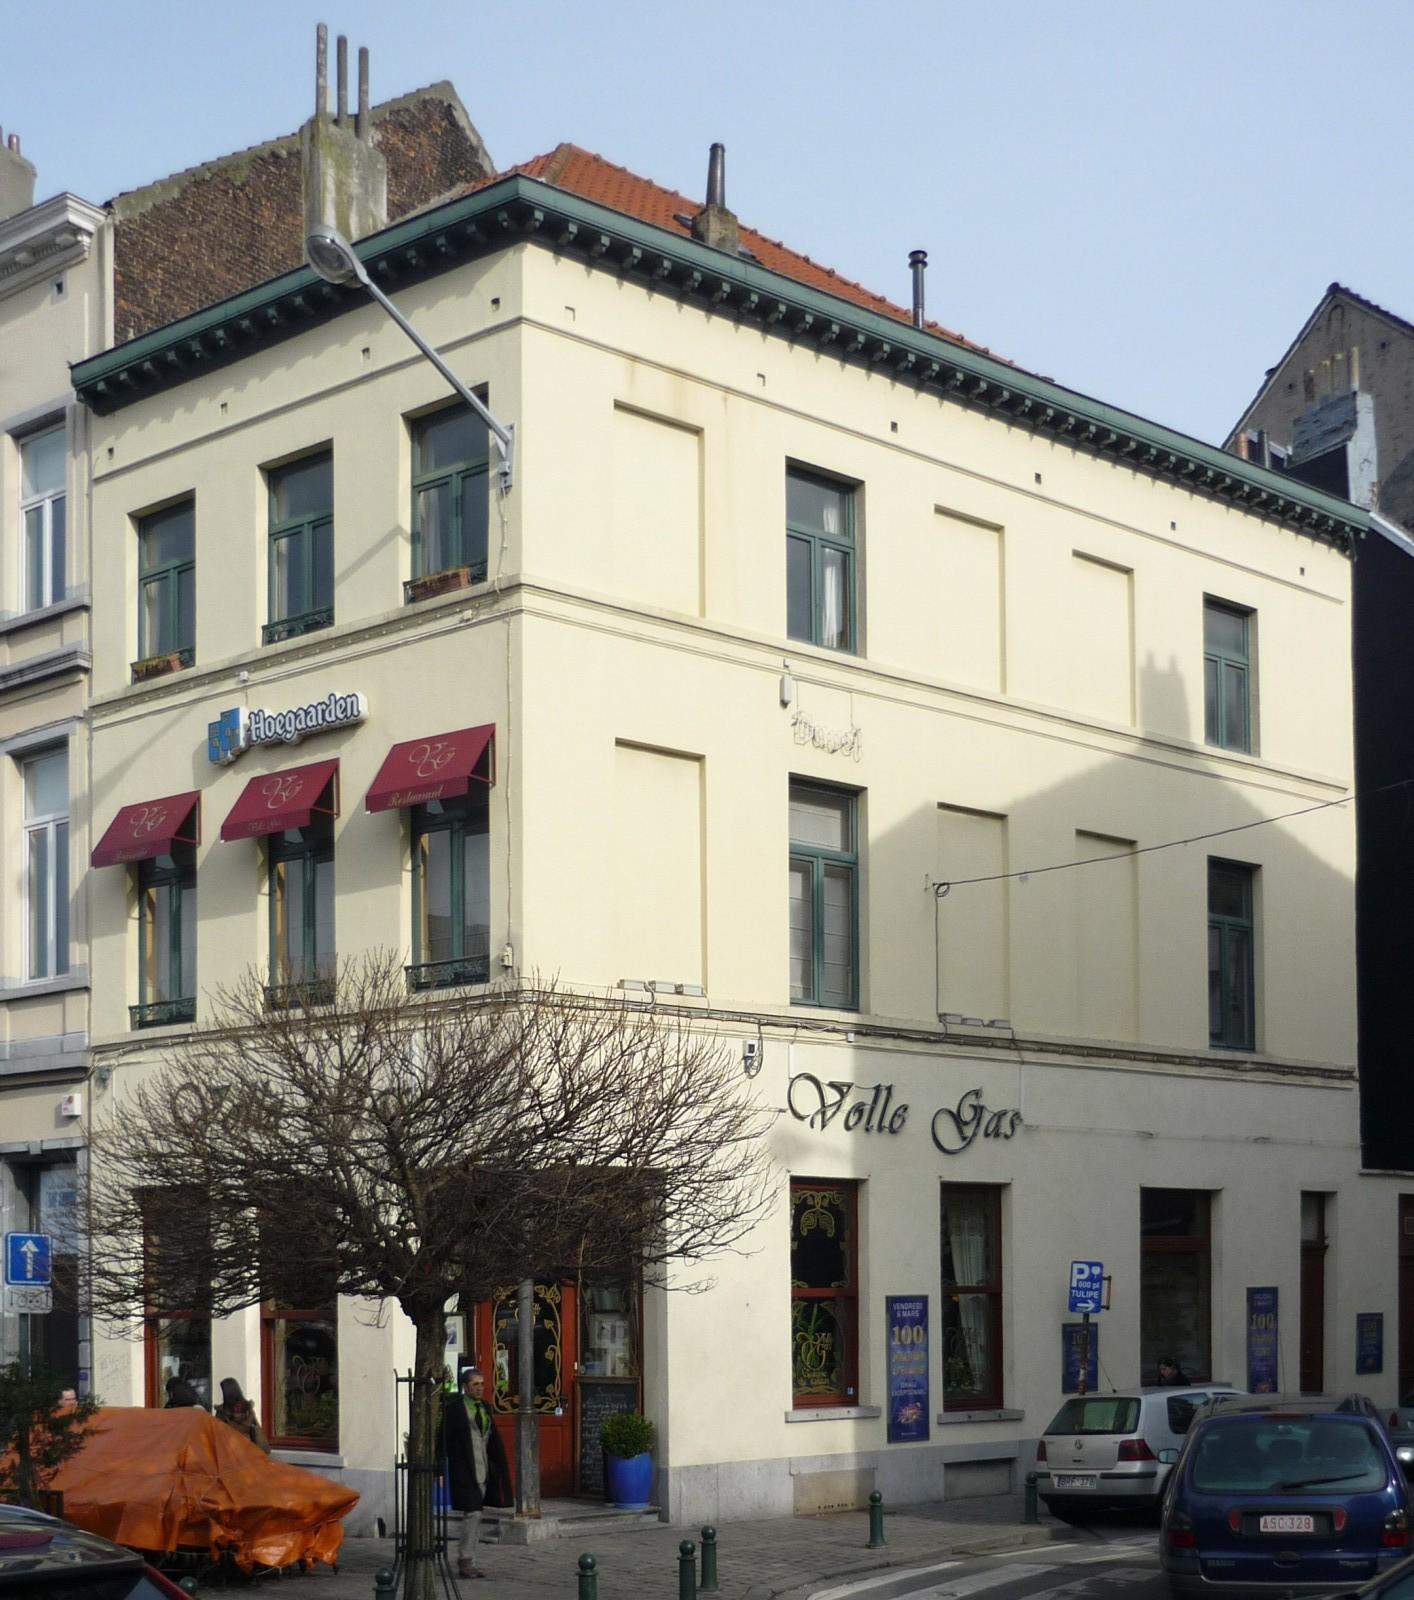 Fernand Cocqplein 21 - Raadstraat 2, 2011